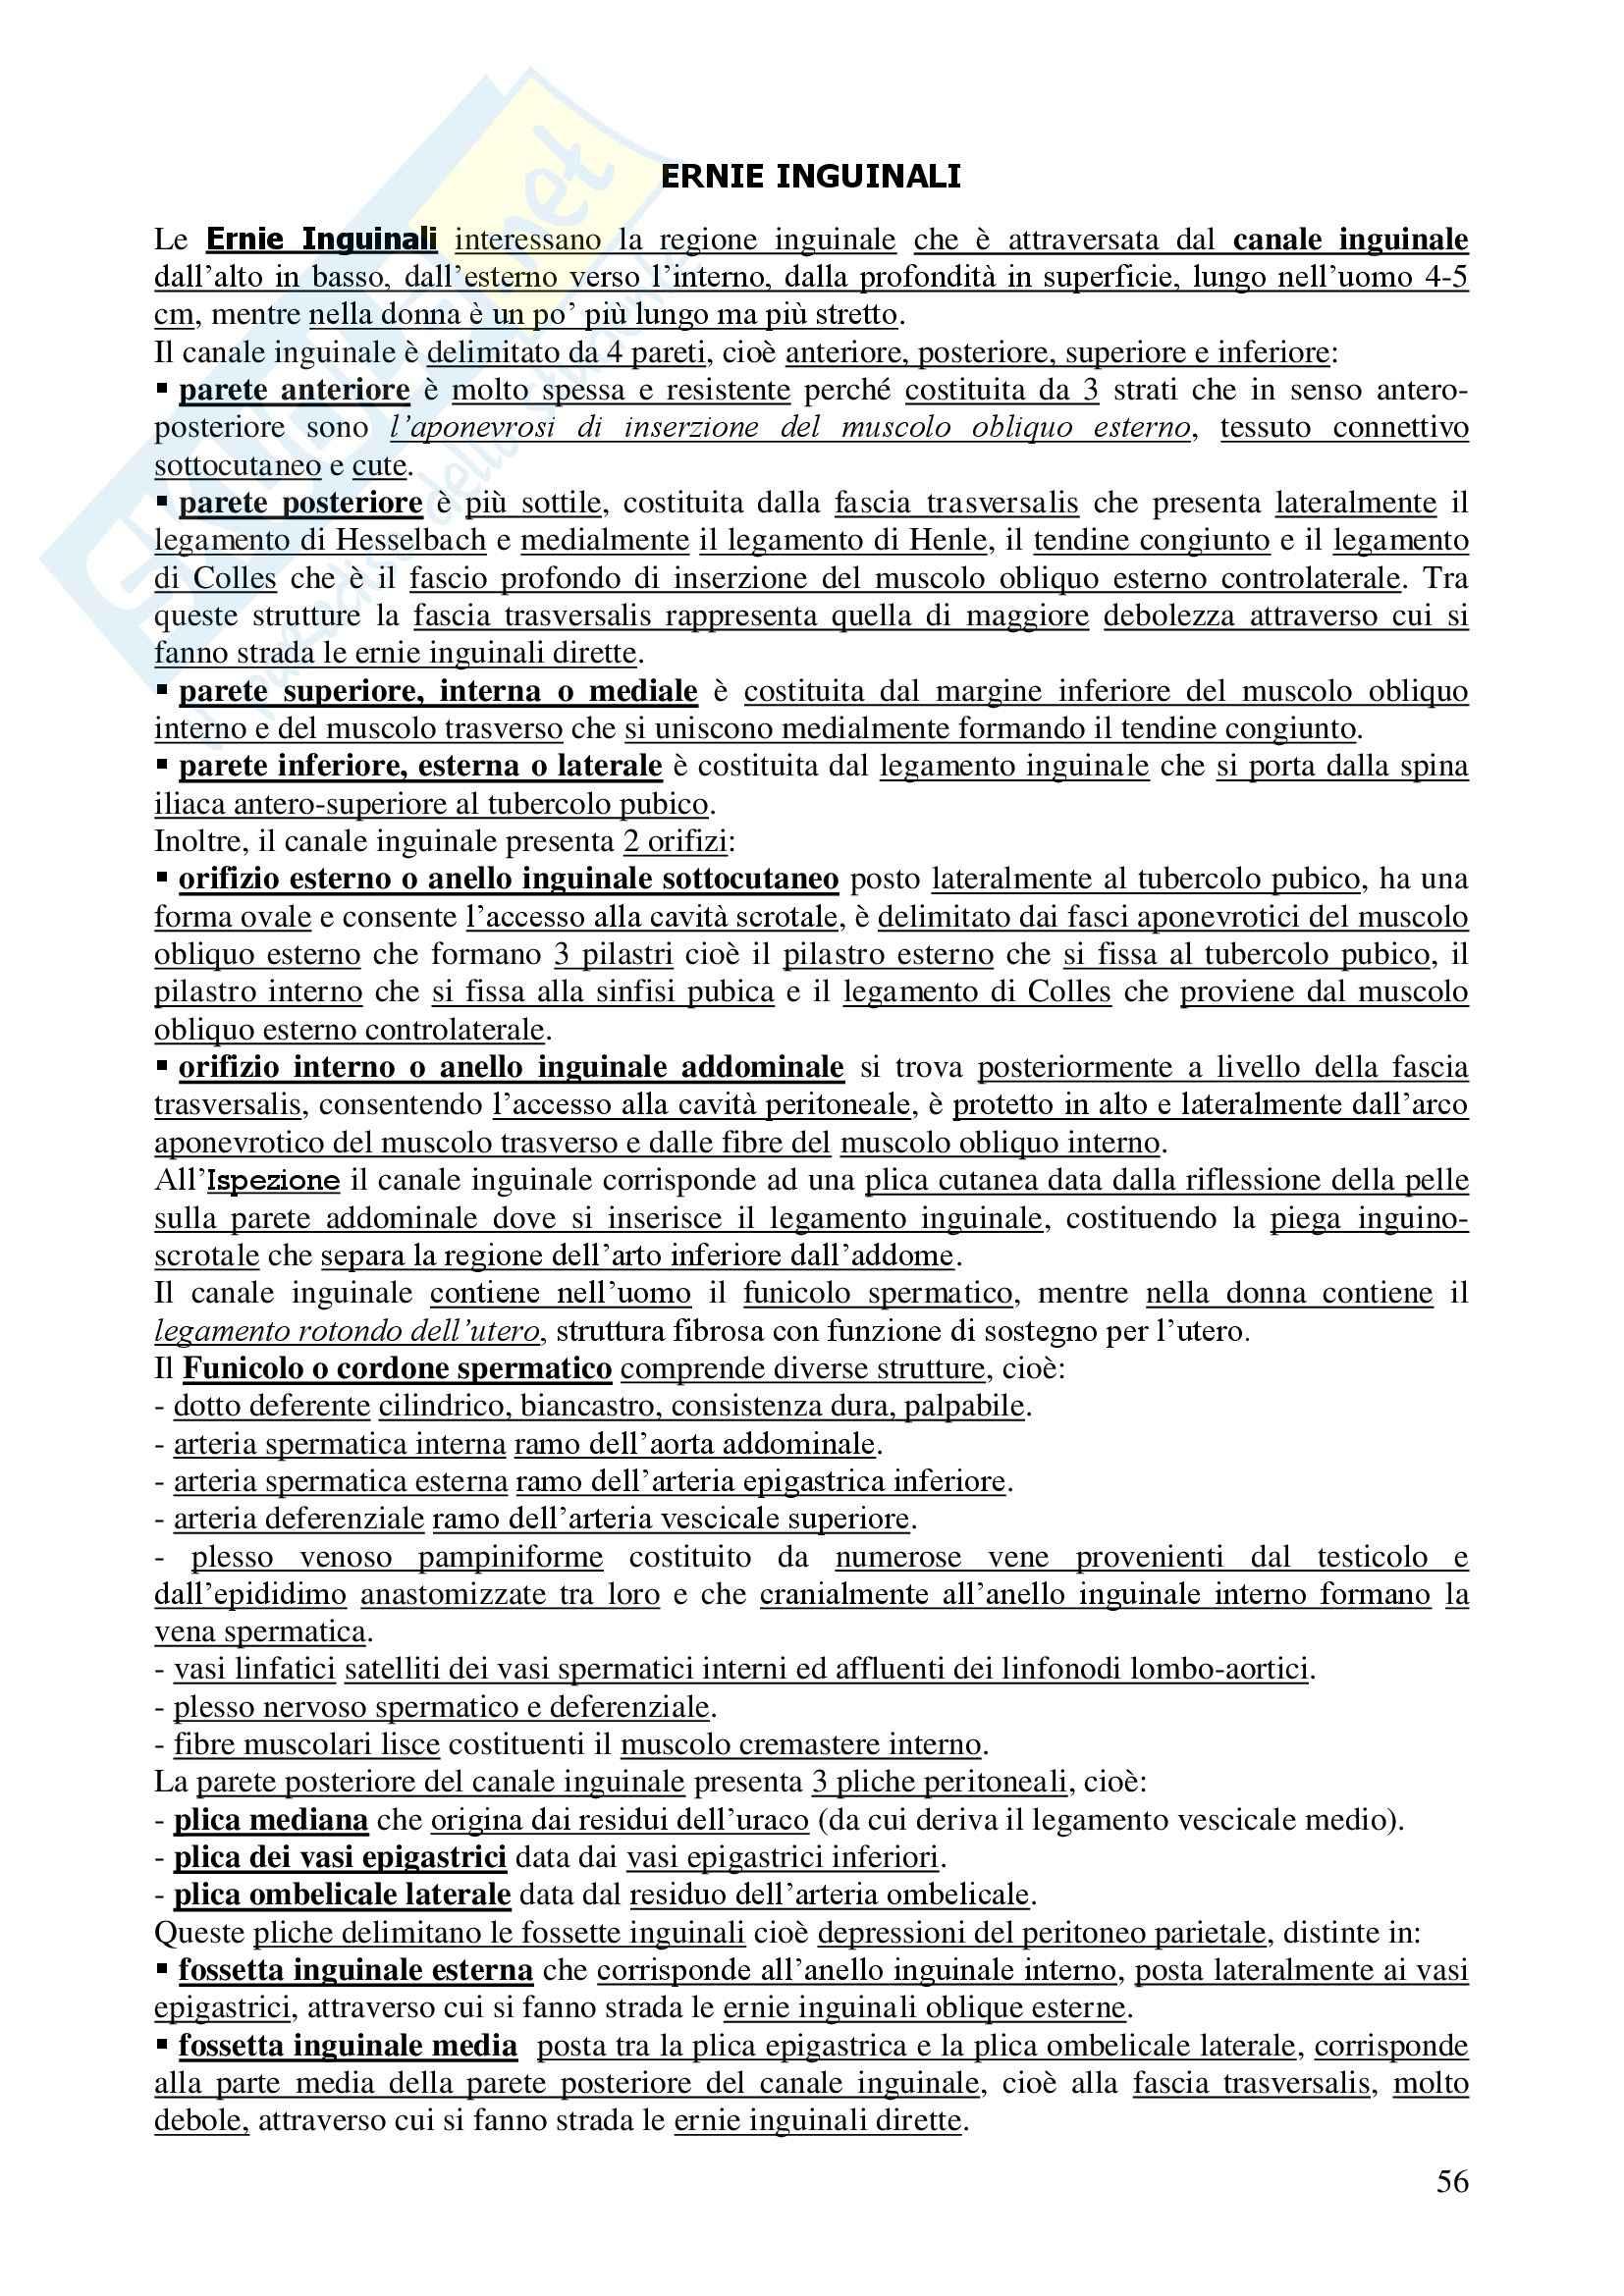 Chirurgia - chirurgia generale - Appunti Pag. 56